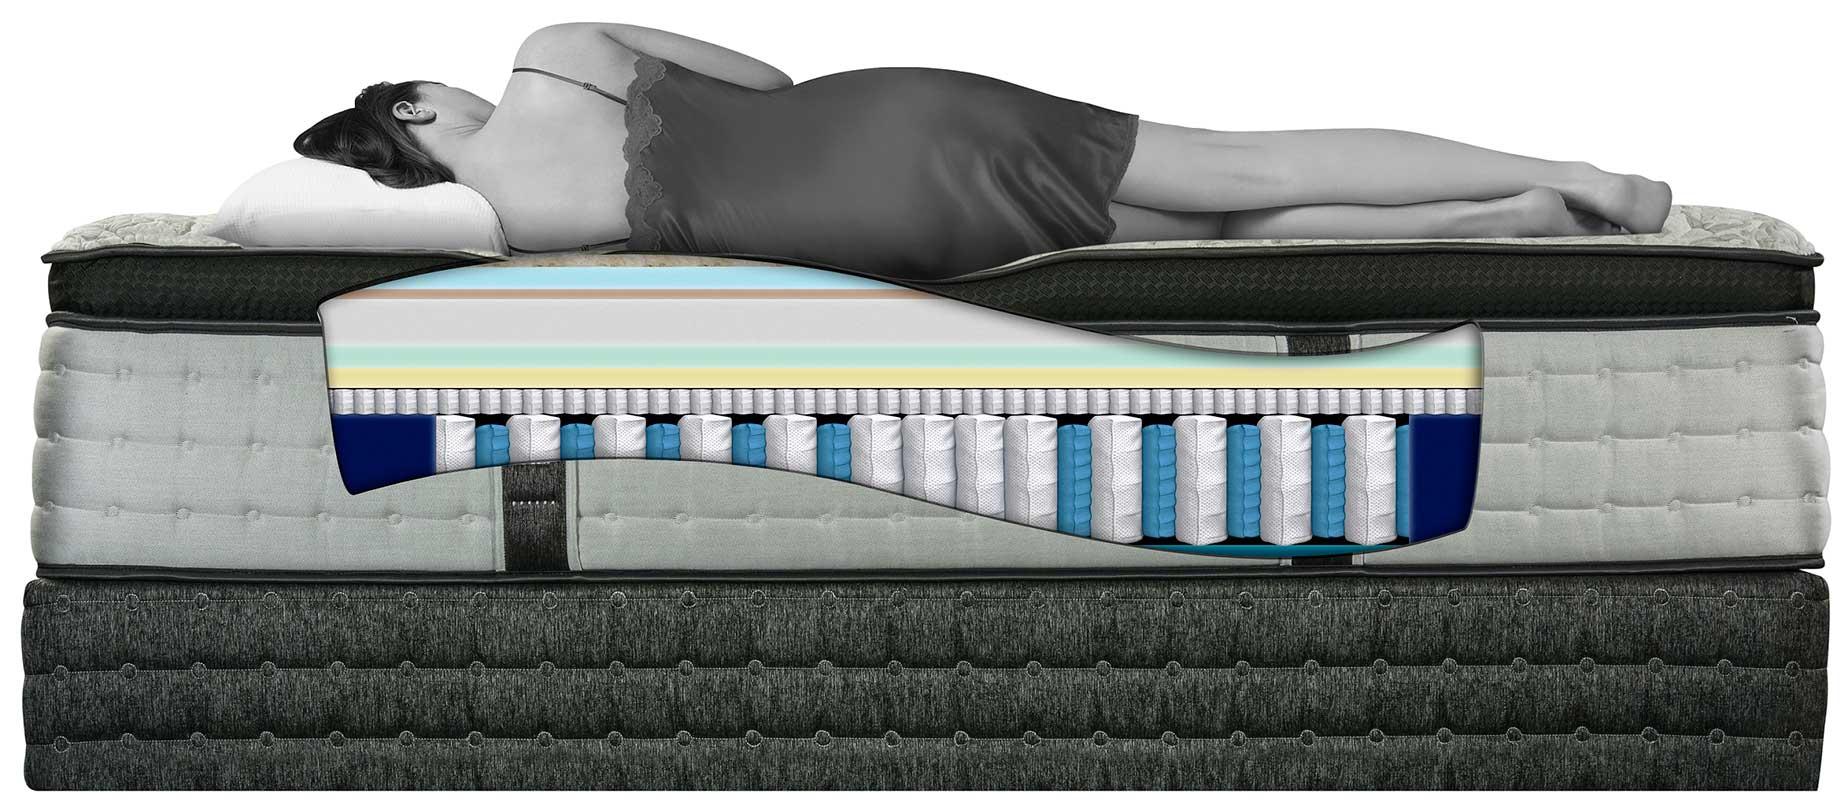 Sơ lược về đau lưng nguyên nhân do đâu